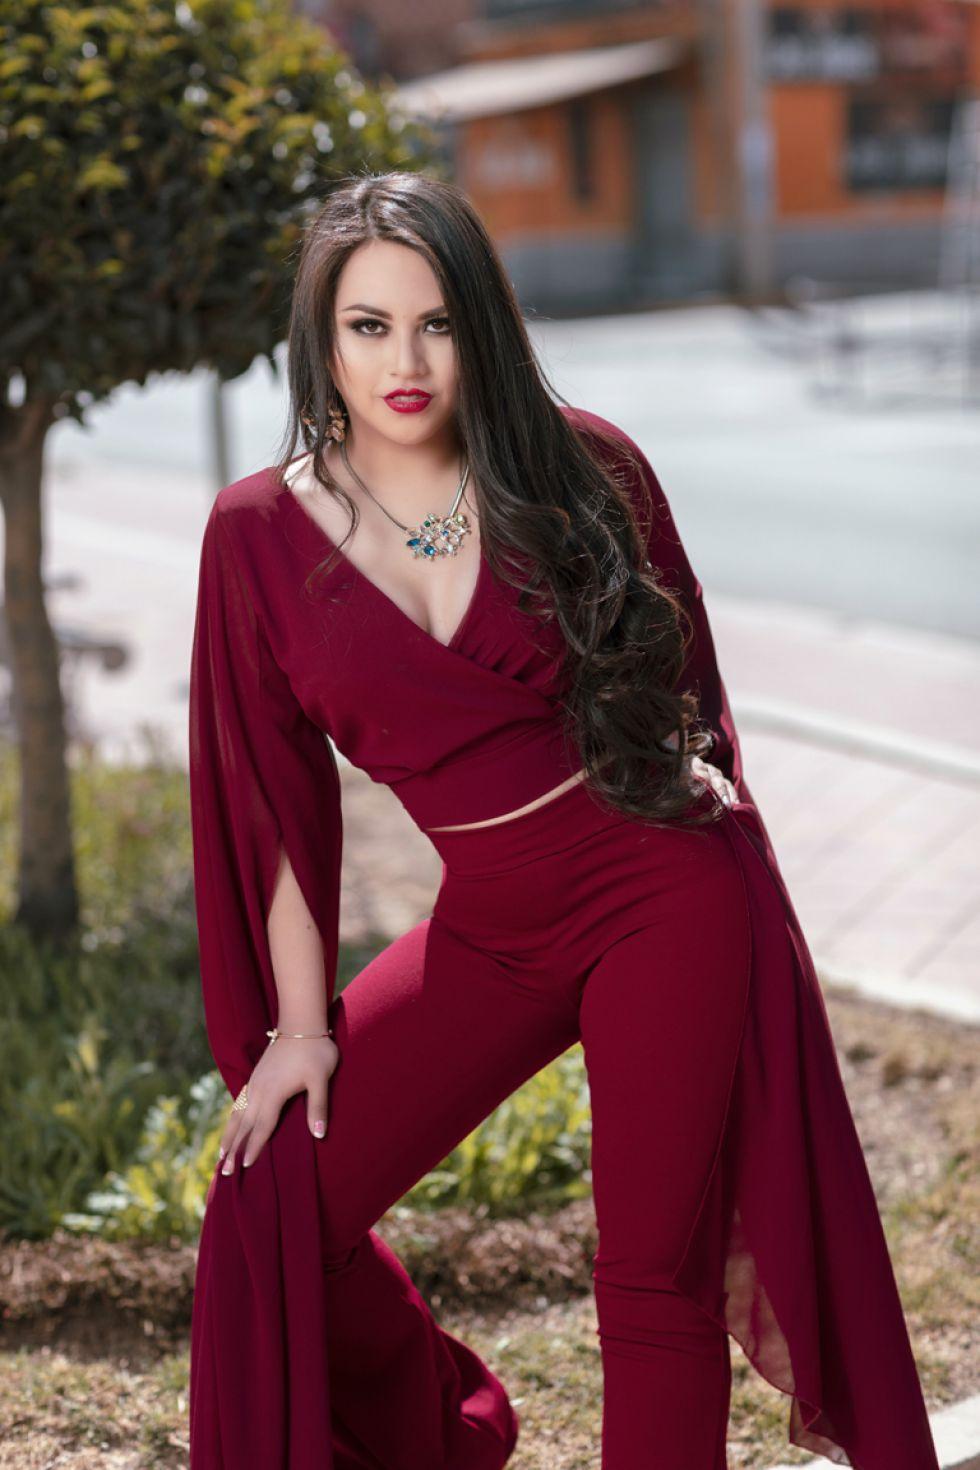 Para la mujer distinguida, elegante y moderna